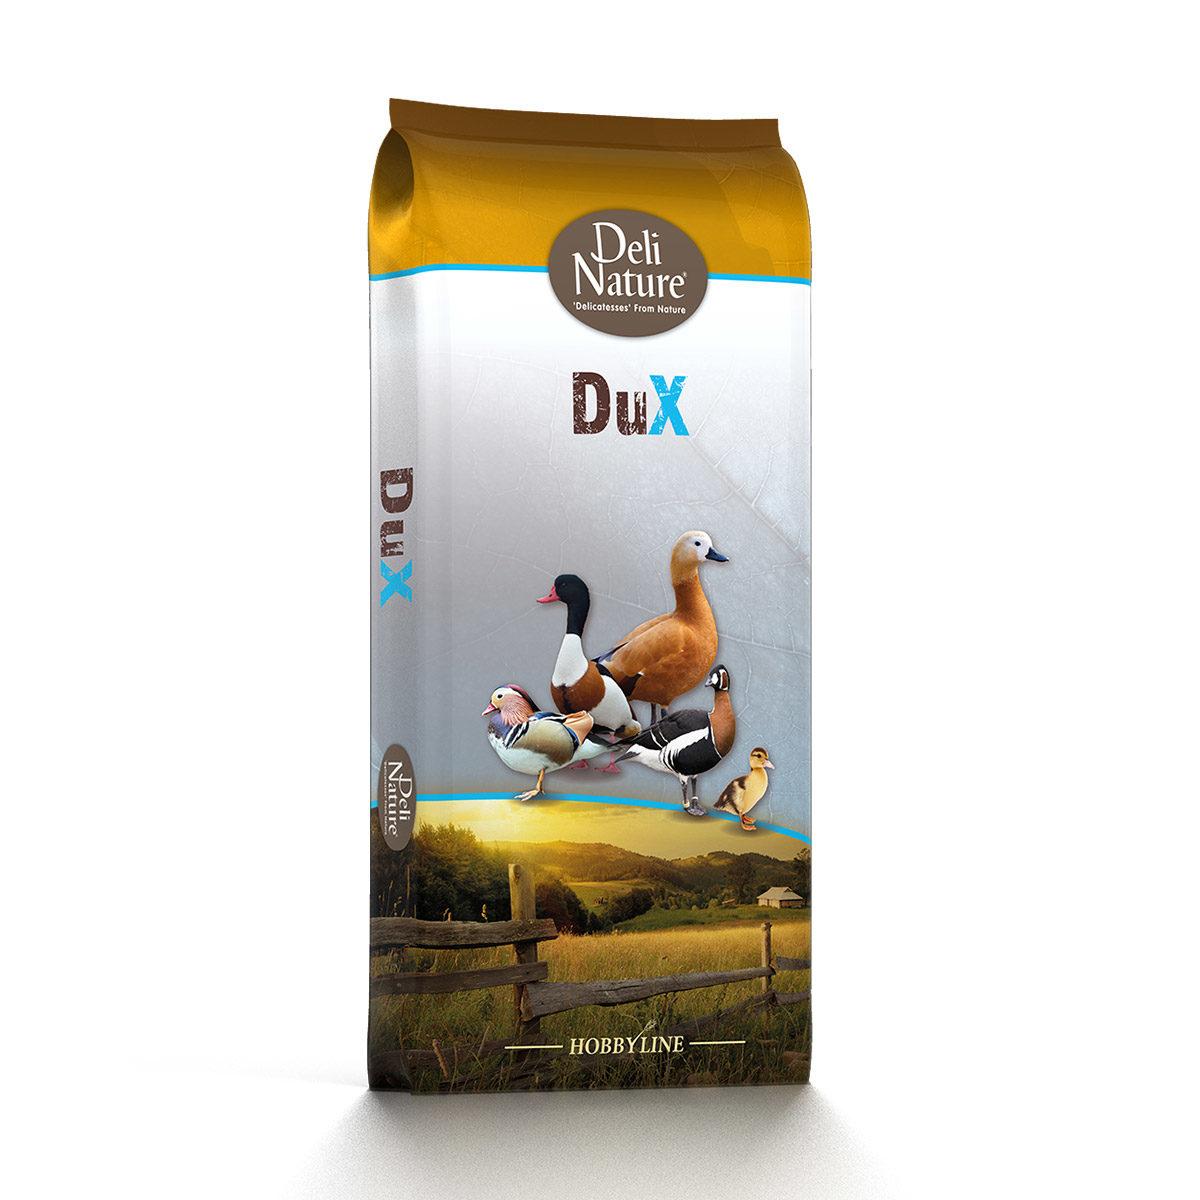 Deli Nature DuX-Leg-Pellet 20kg